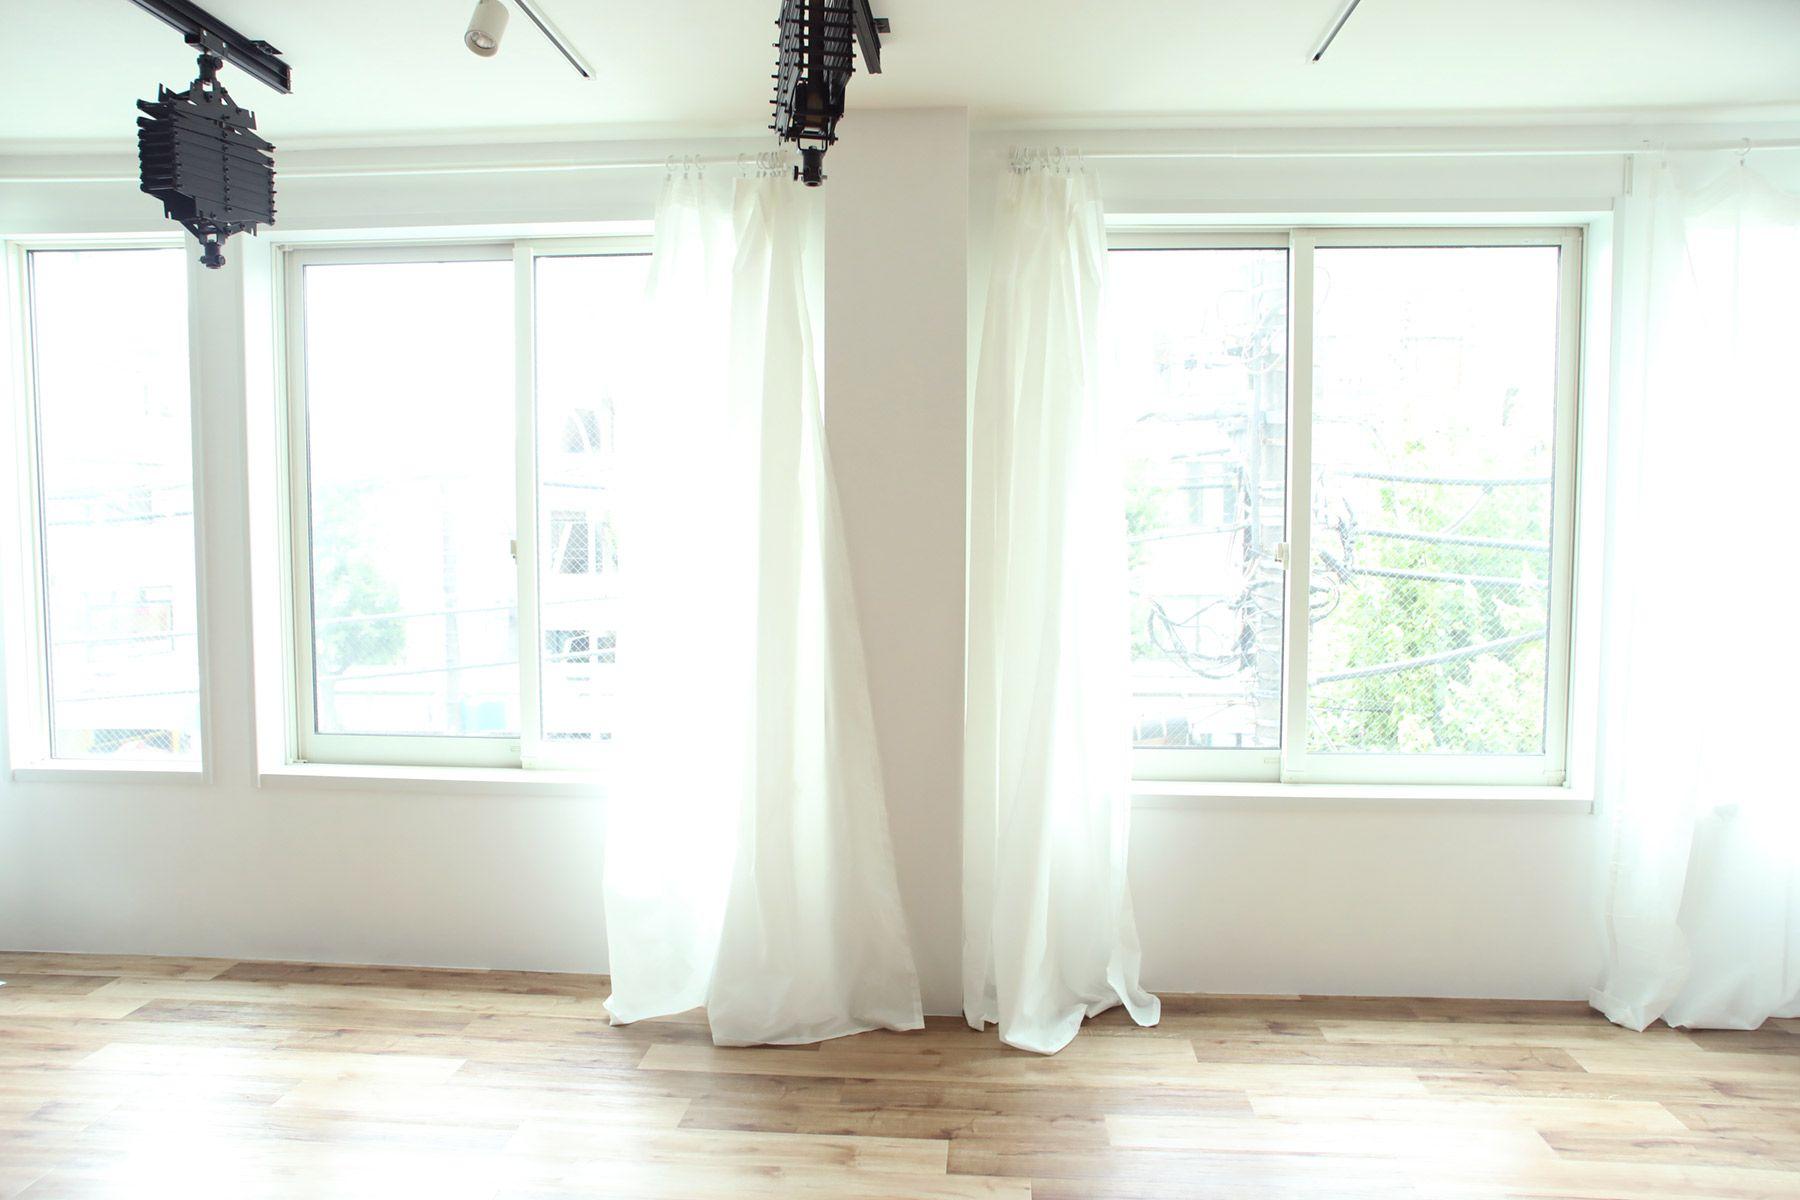 荻窪写真館スタジオ (オギクボシャシンカン)透けるカーテンはトレペ代わりに